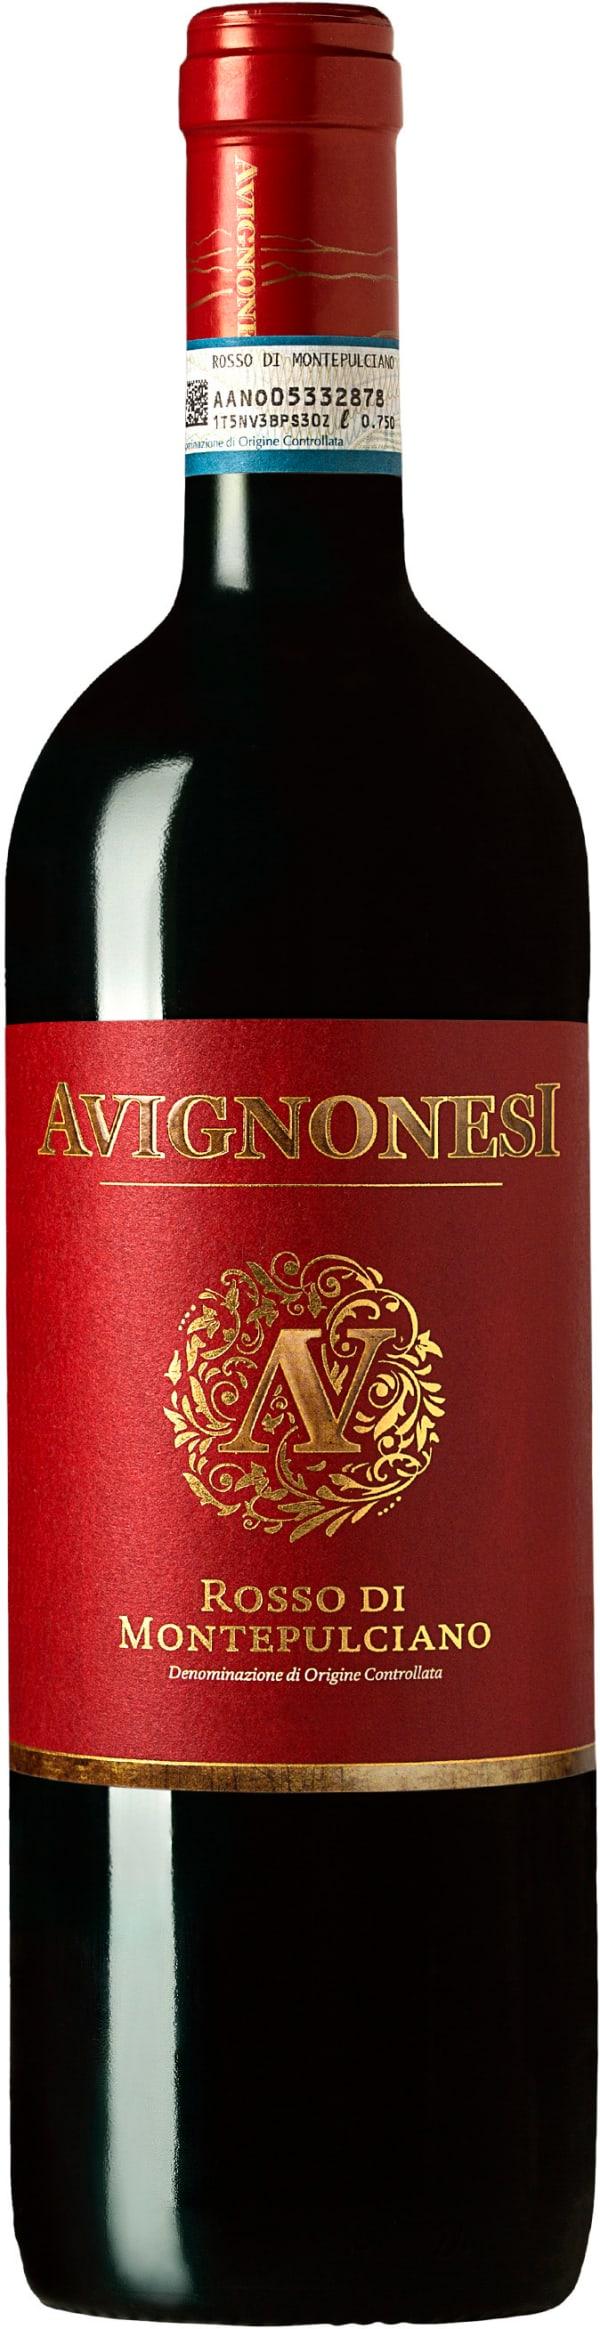 Avignonesi Rosso di Montepulciano 2018 presentförpackning